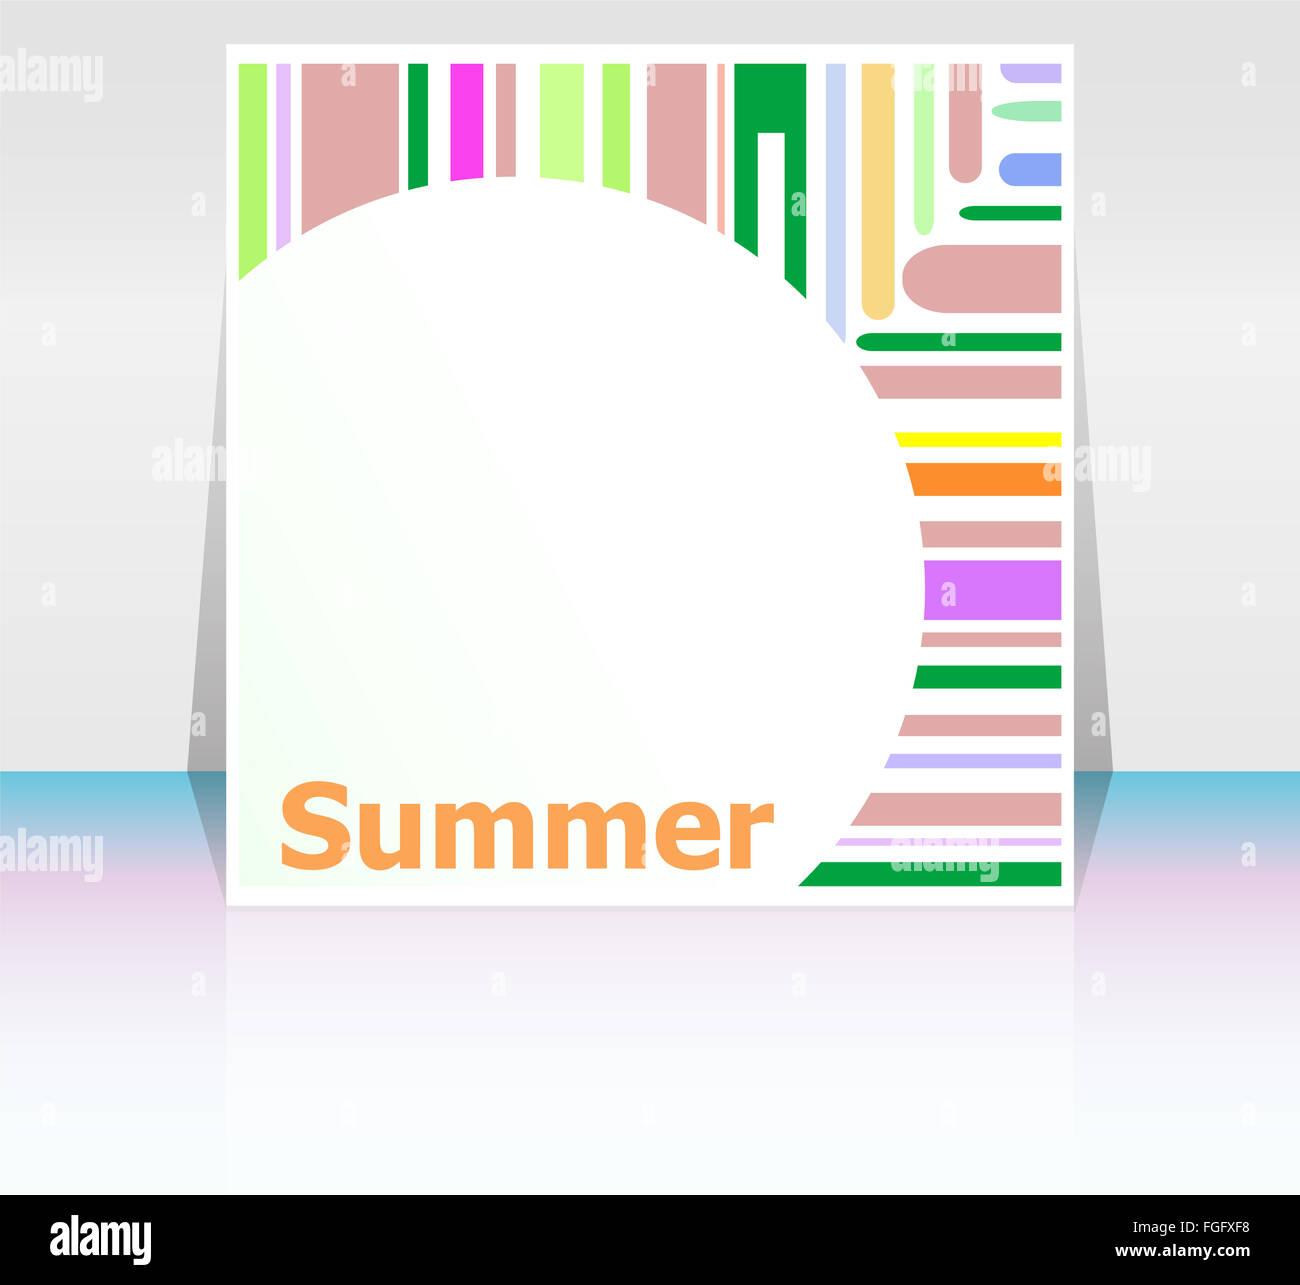 Sommer-Plakat. Sommer Hintergrund. Effekte-Poster, Rahmen. Frohe ...